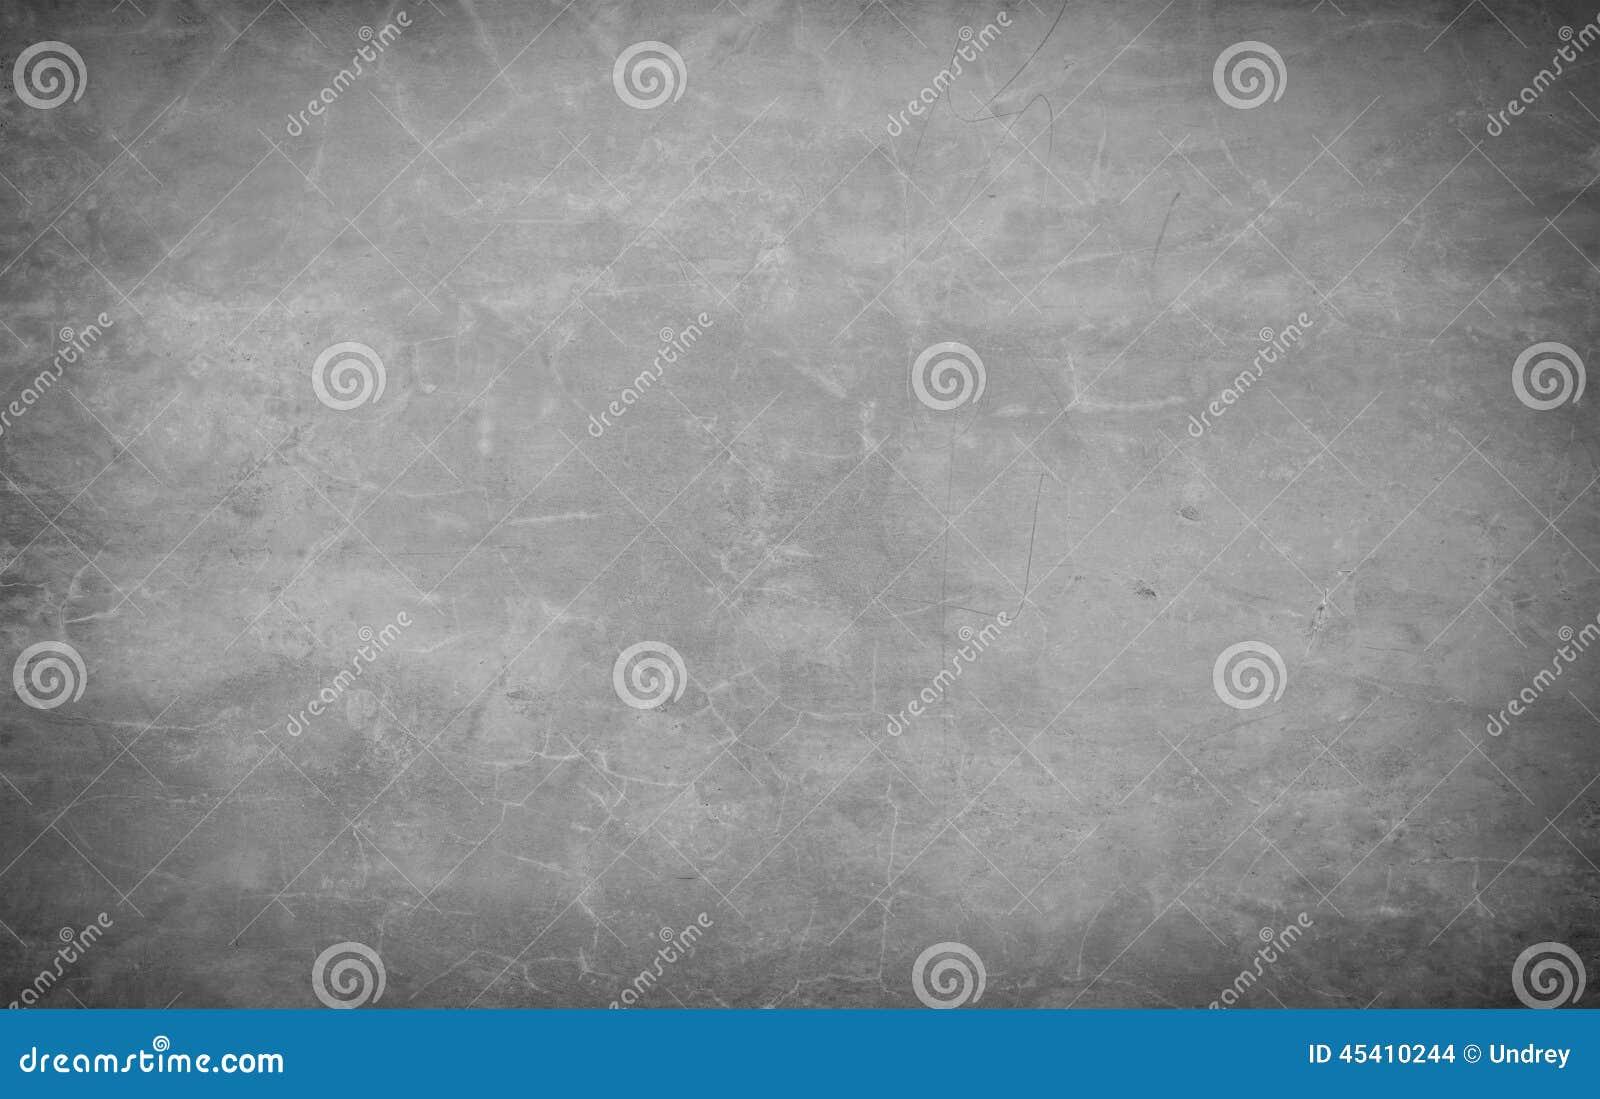 Fondo grigio di pietra del muro di cemento del mattone ruvido